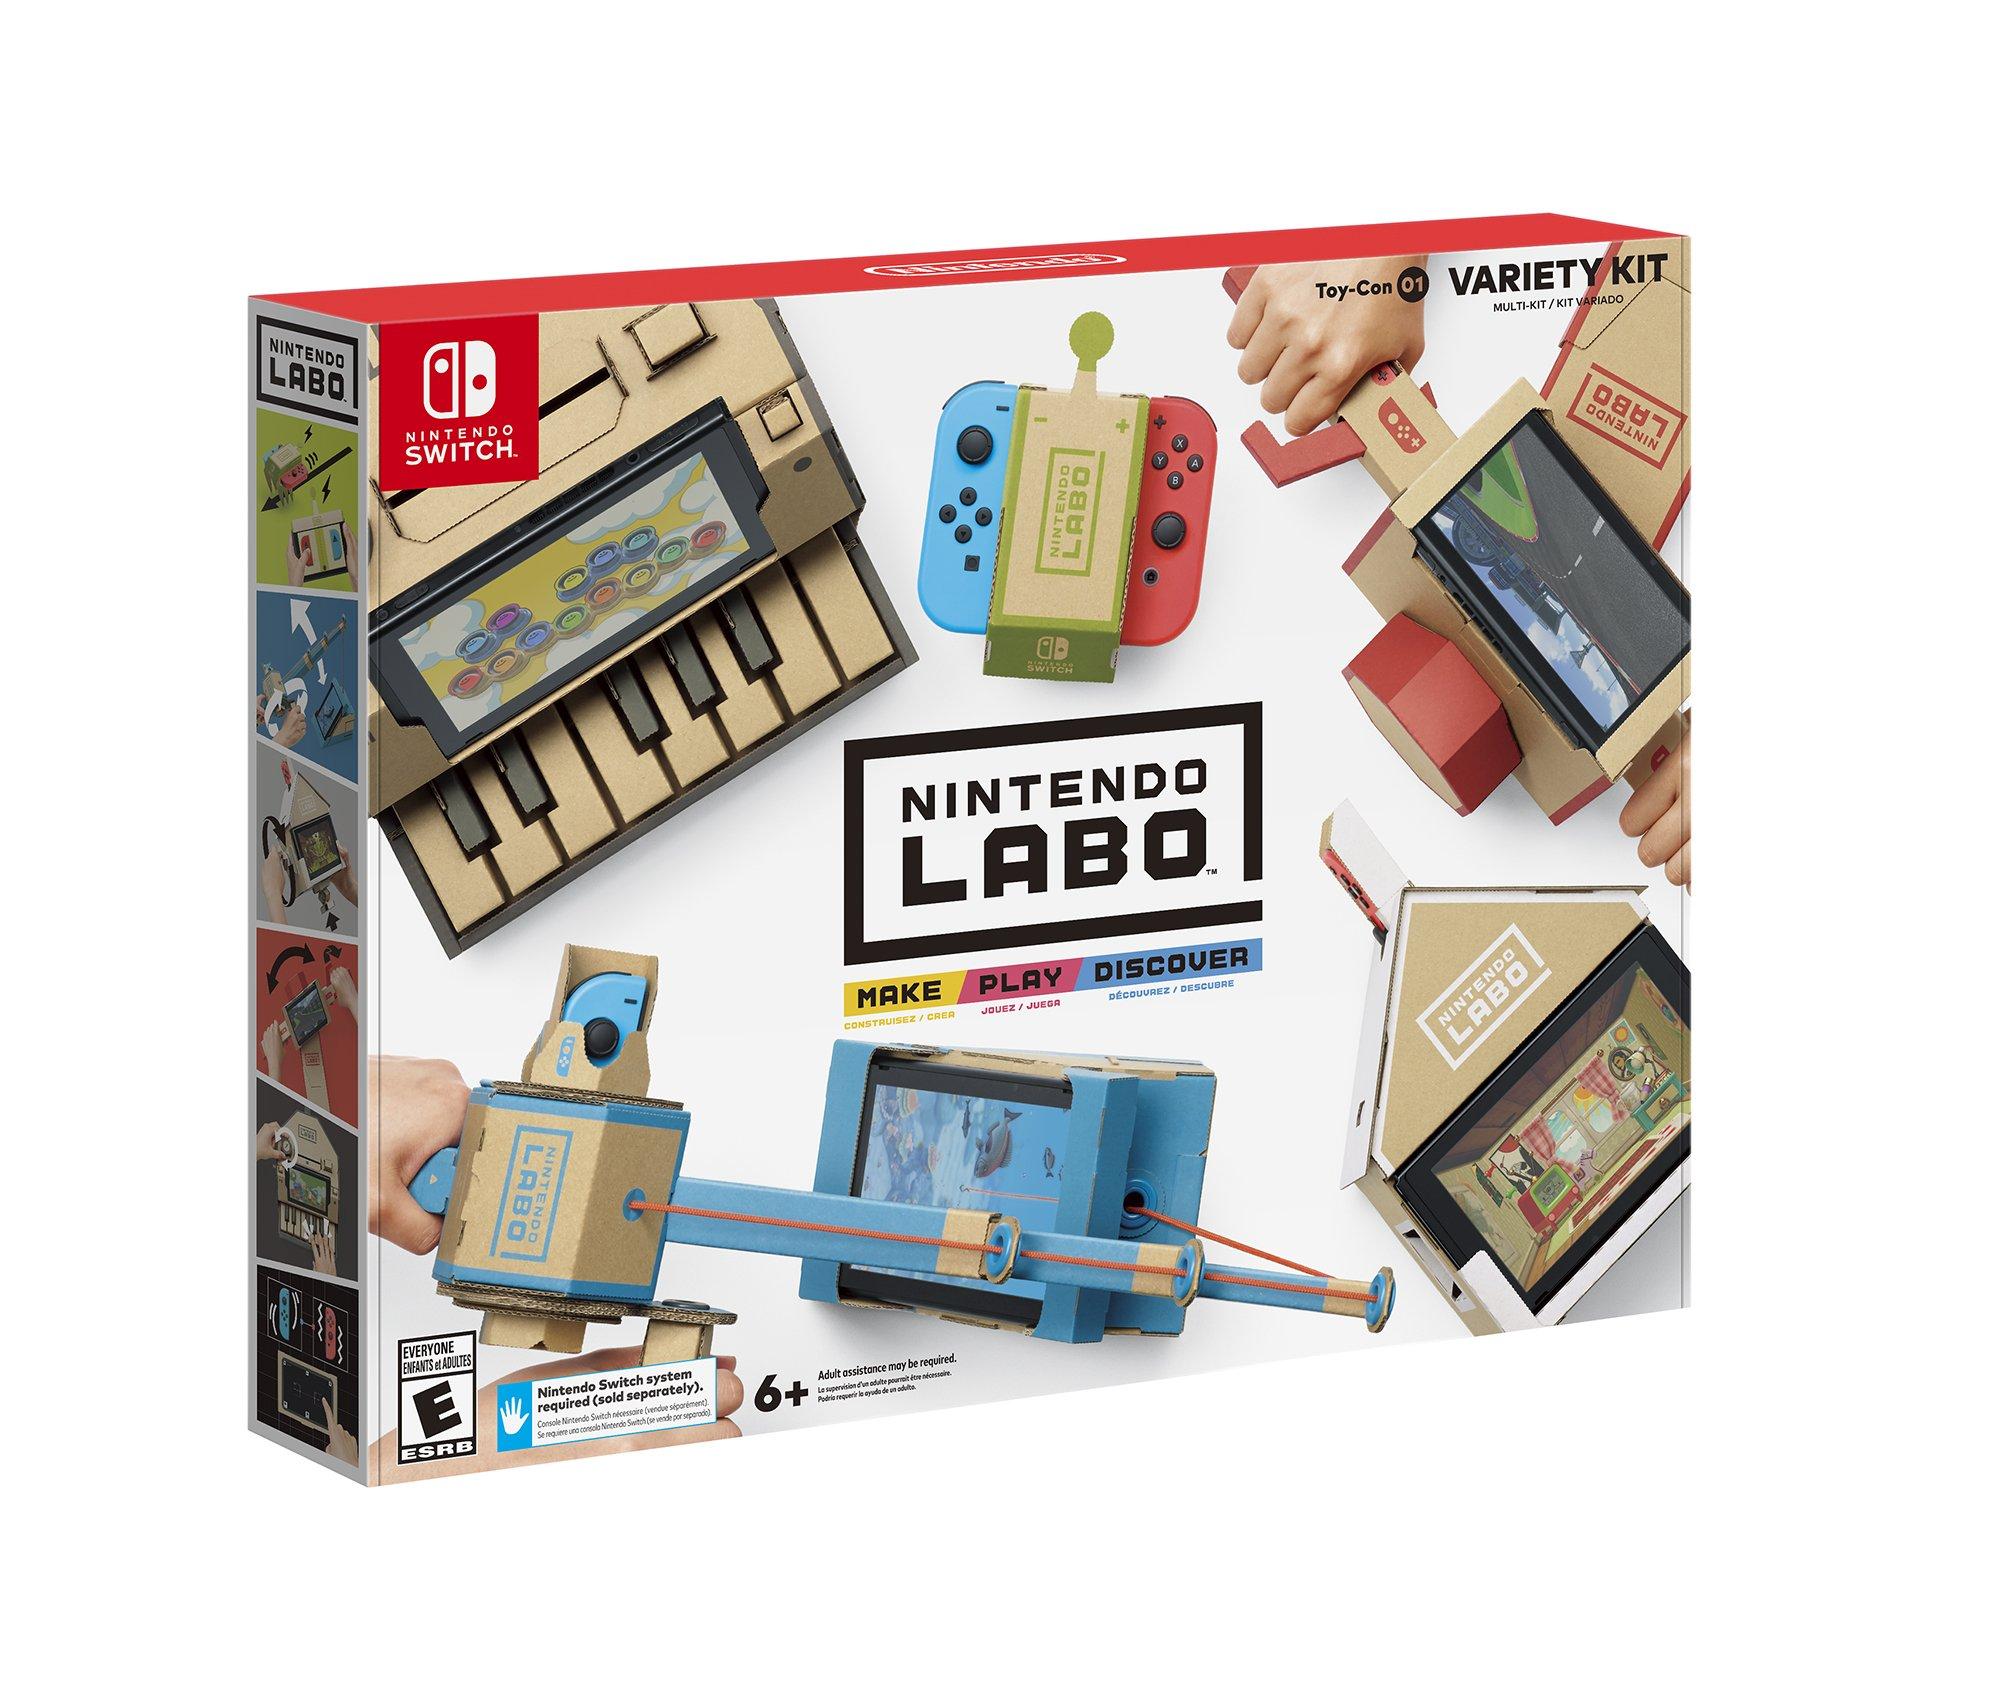 Nintendo Labo 0045496591403/